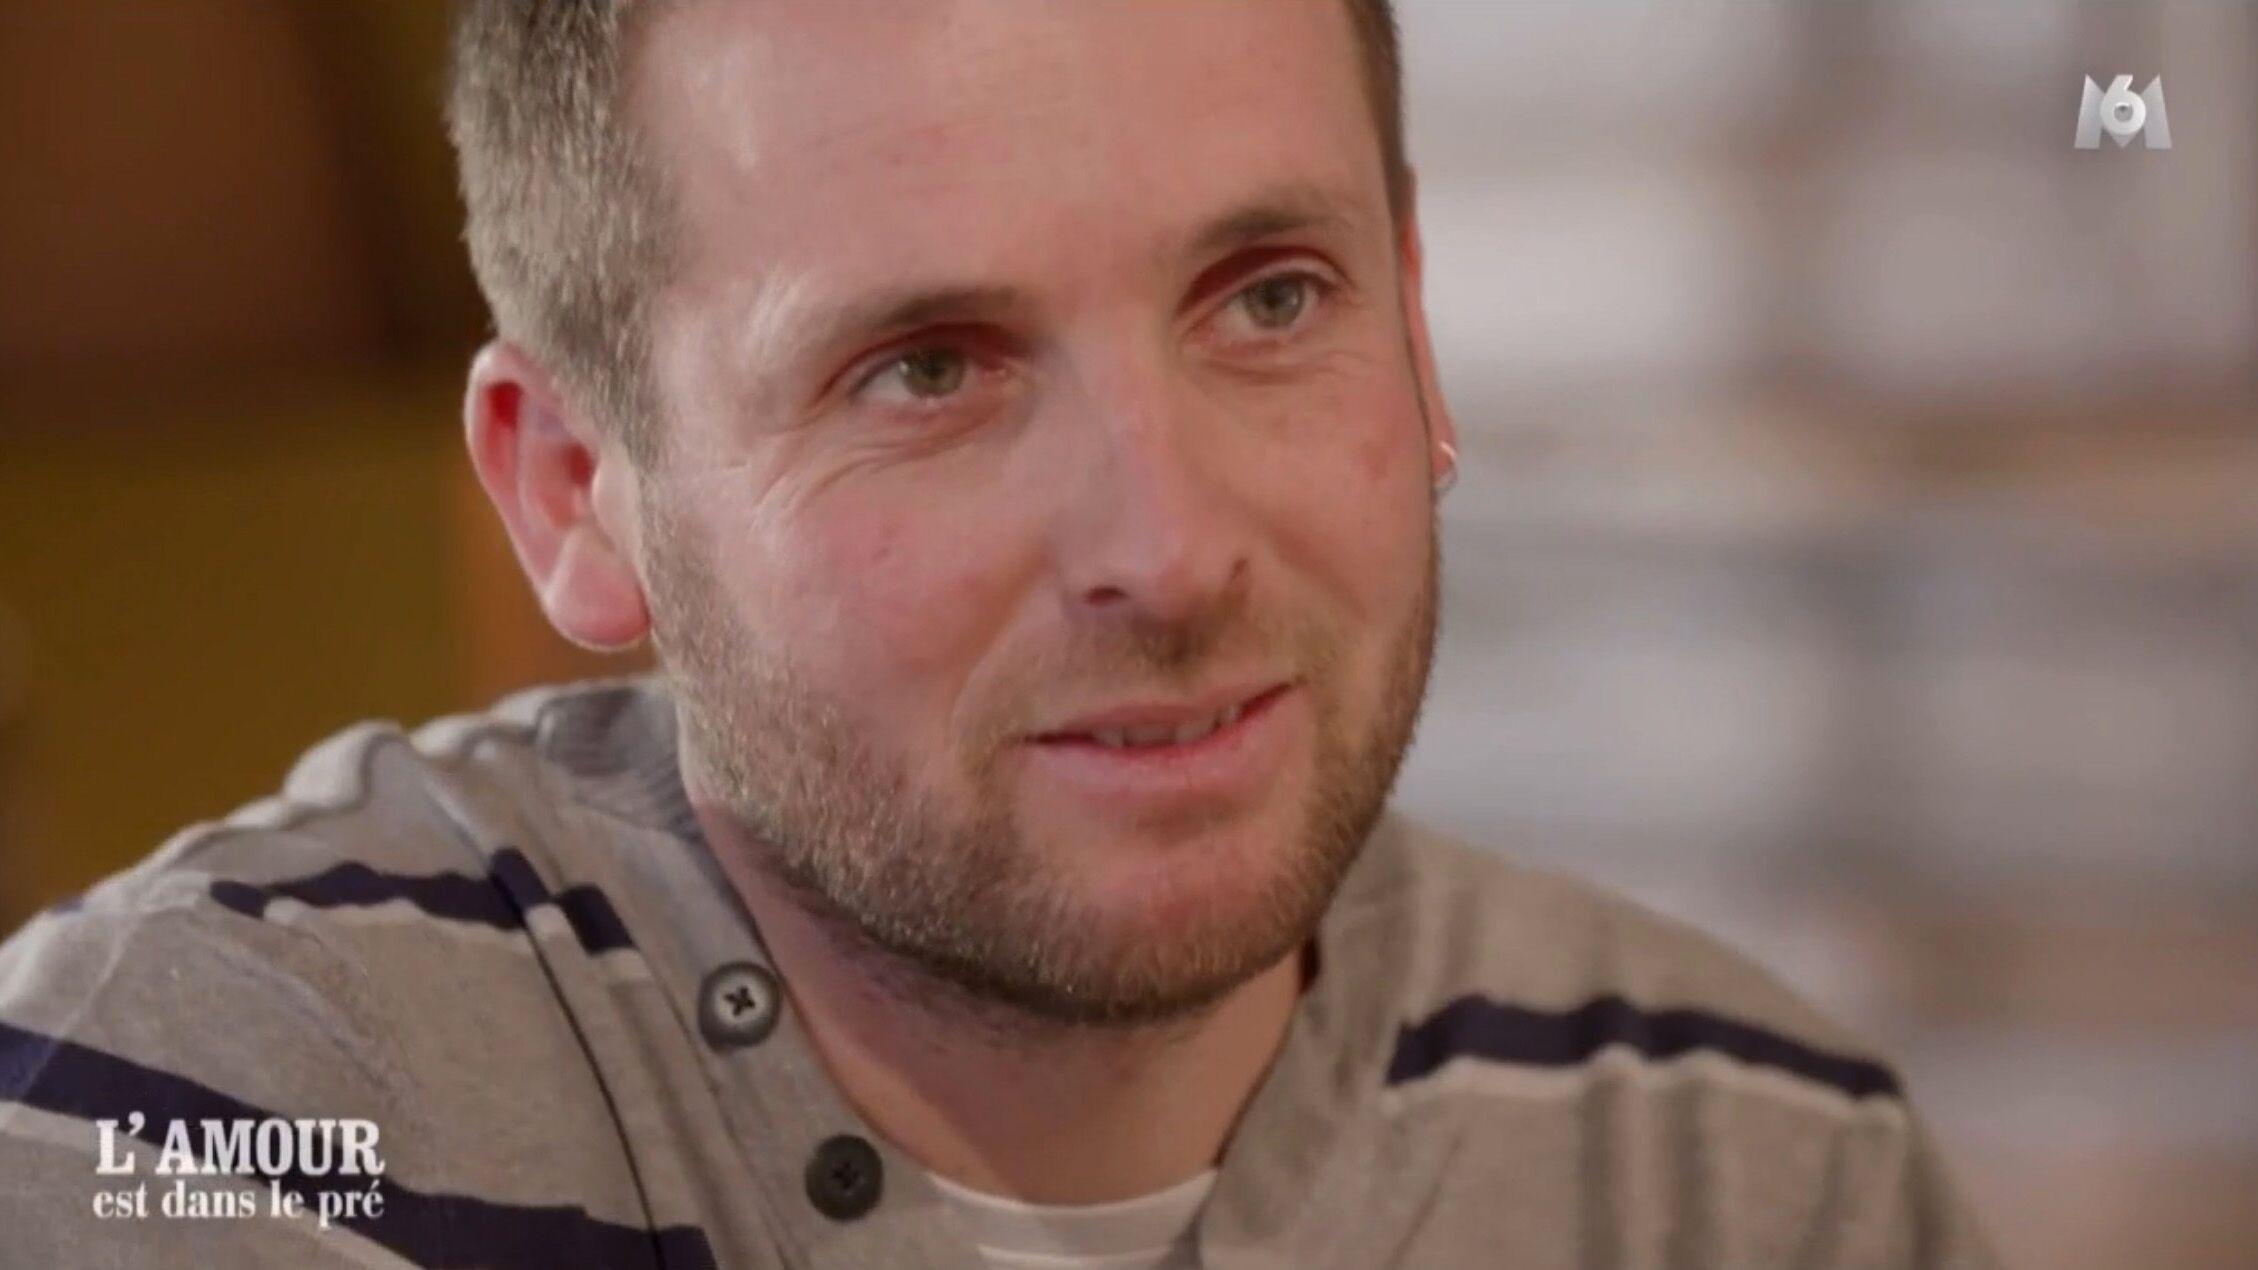 Video François Lamour Est Dans Le Pré Traumatisé à Tout